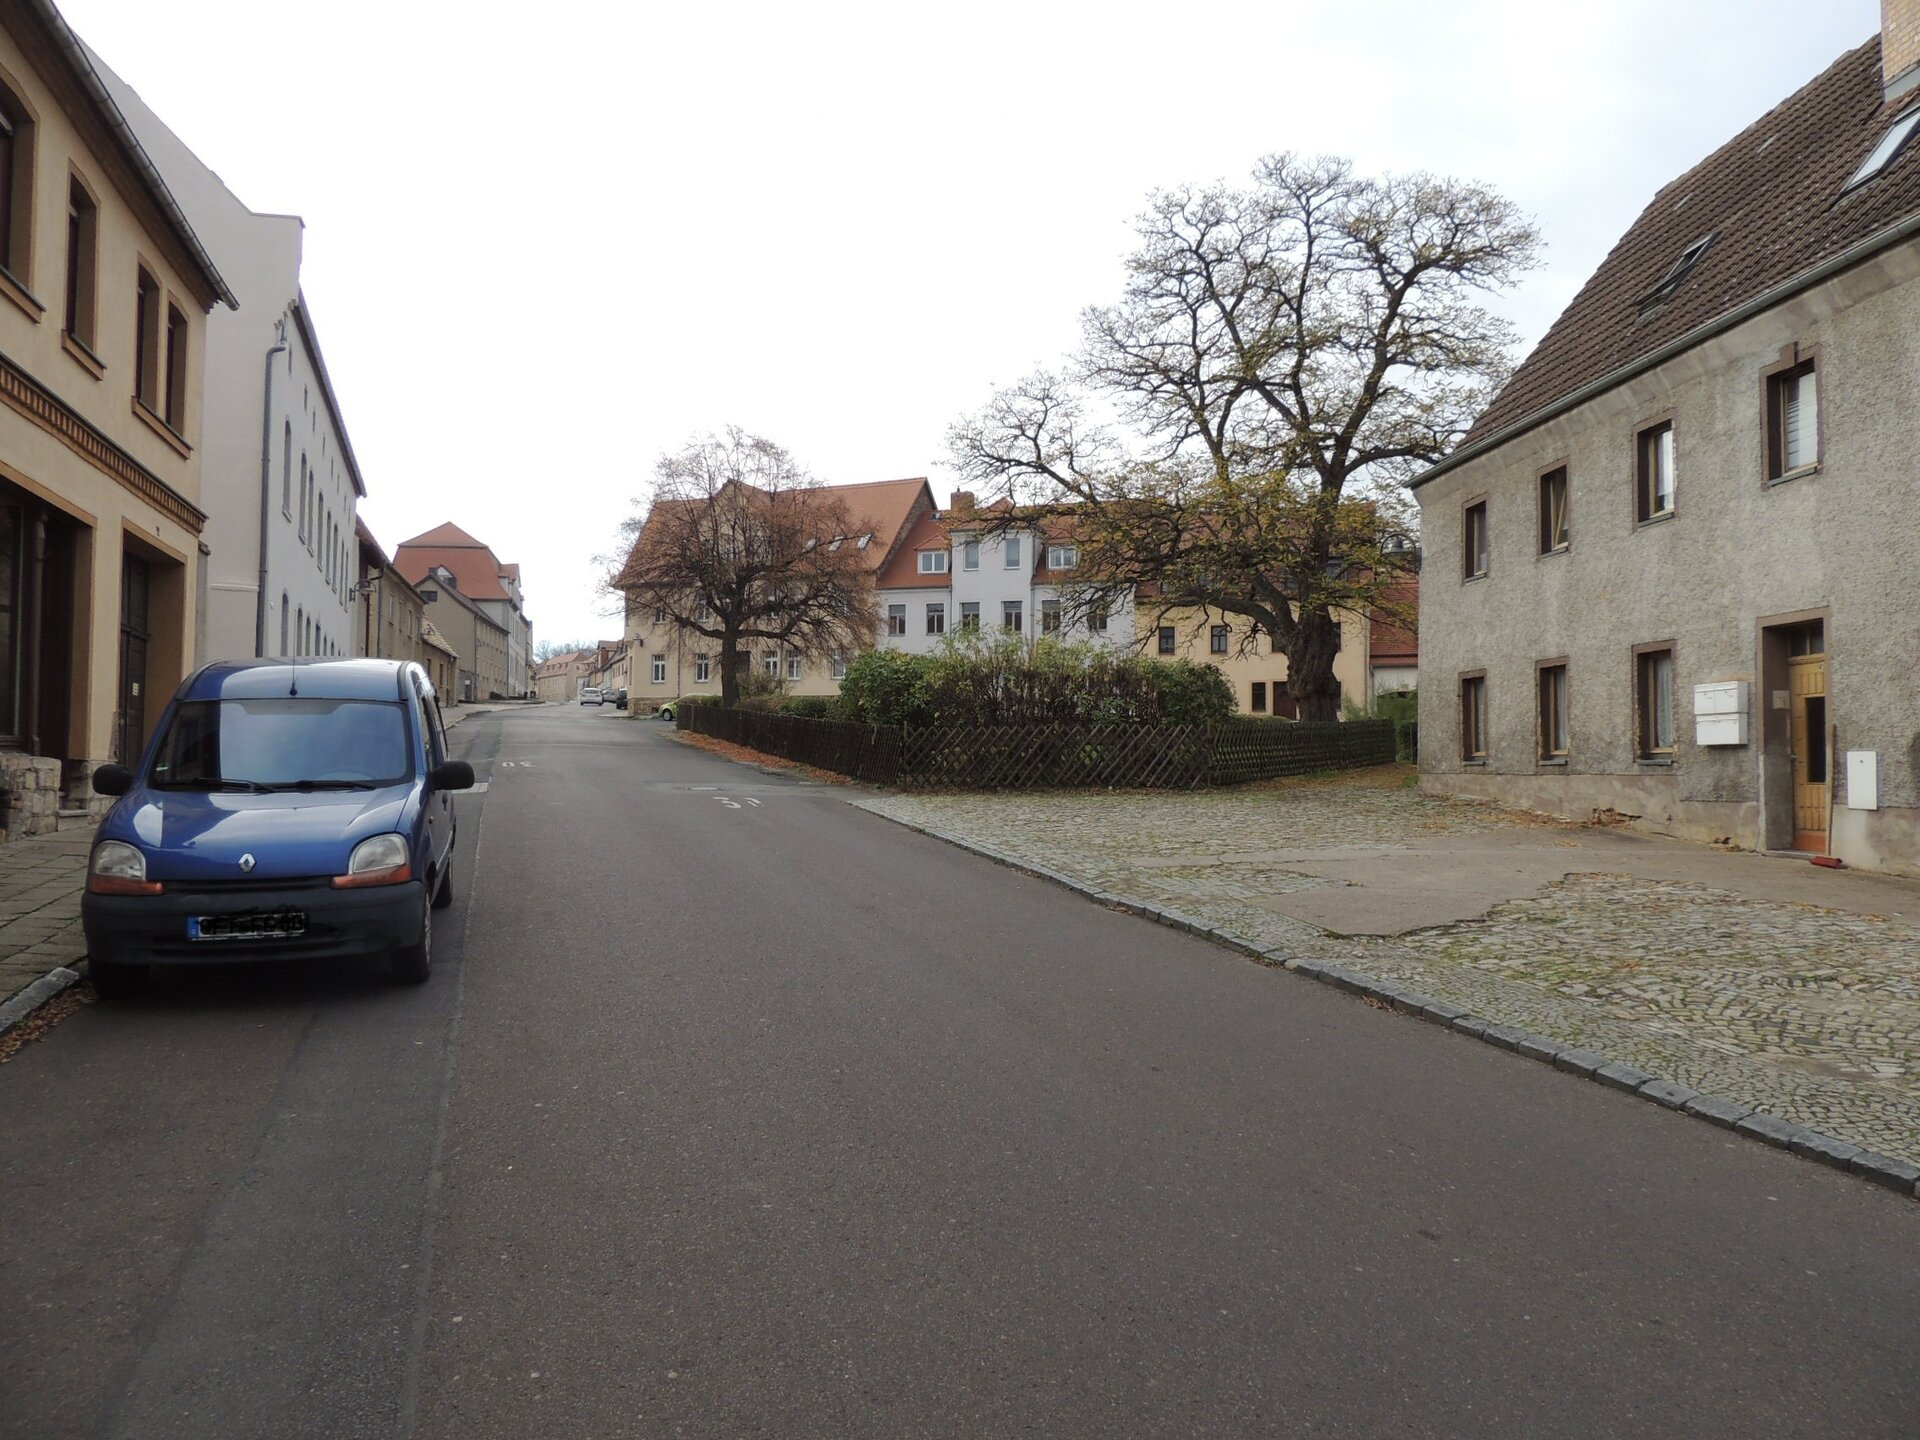 Freimarkt Ecke Bäckerstraße (Neuendorf)